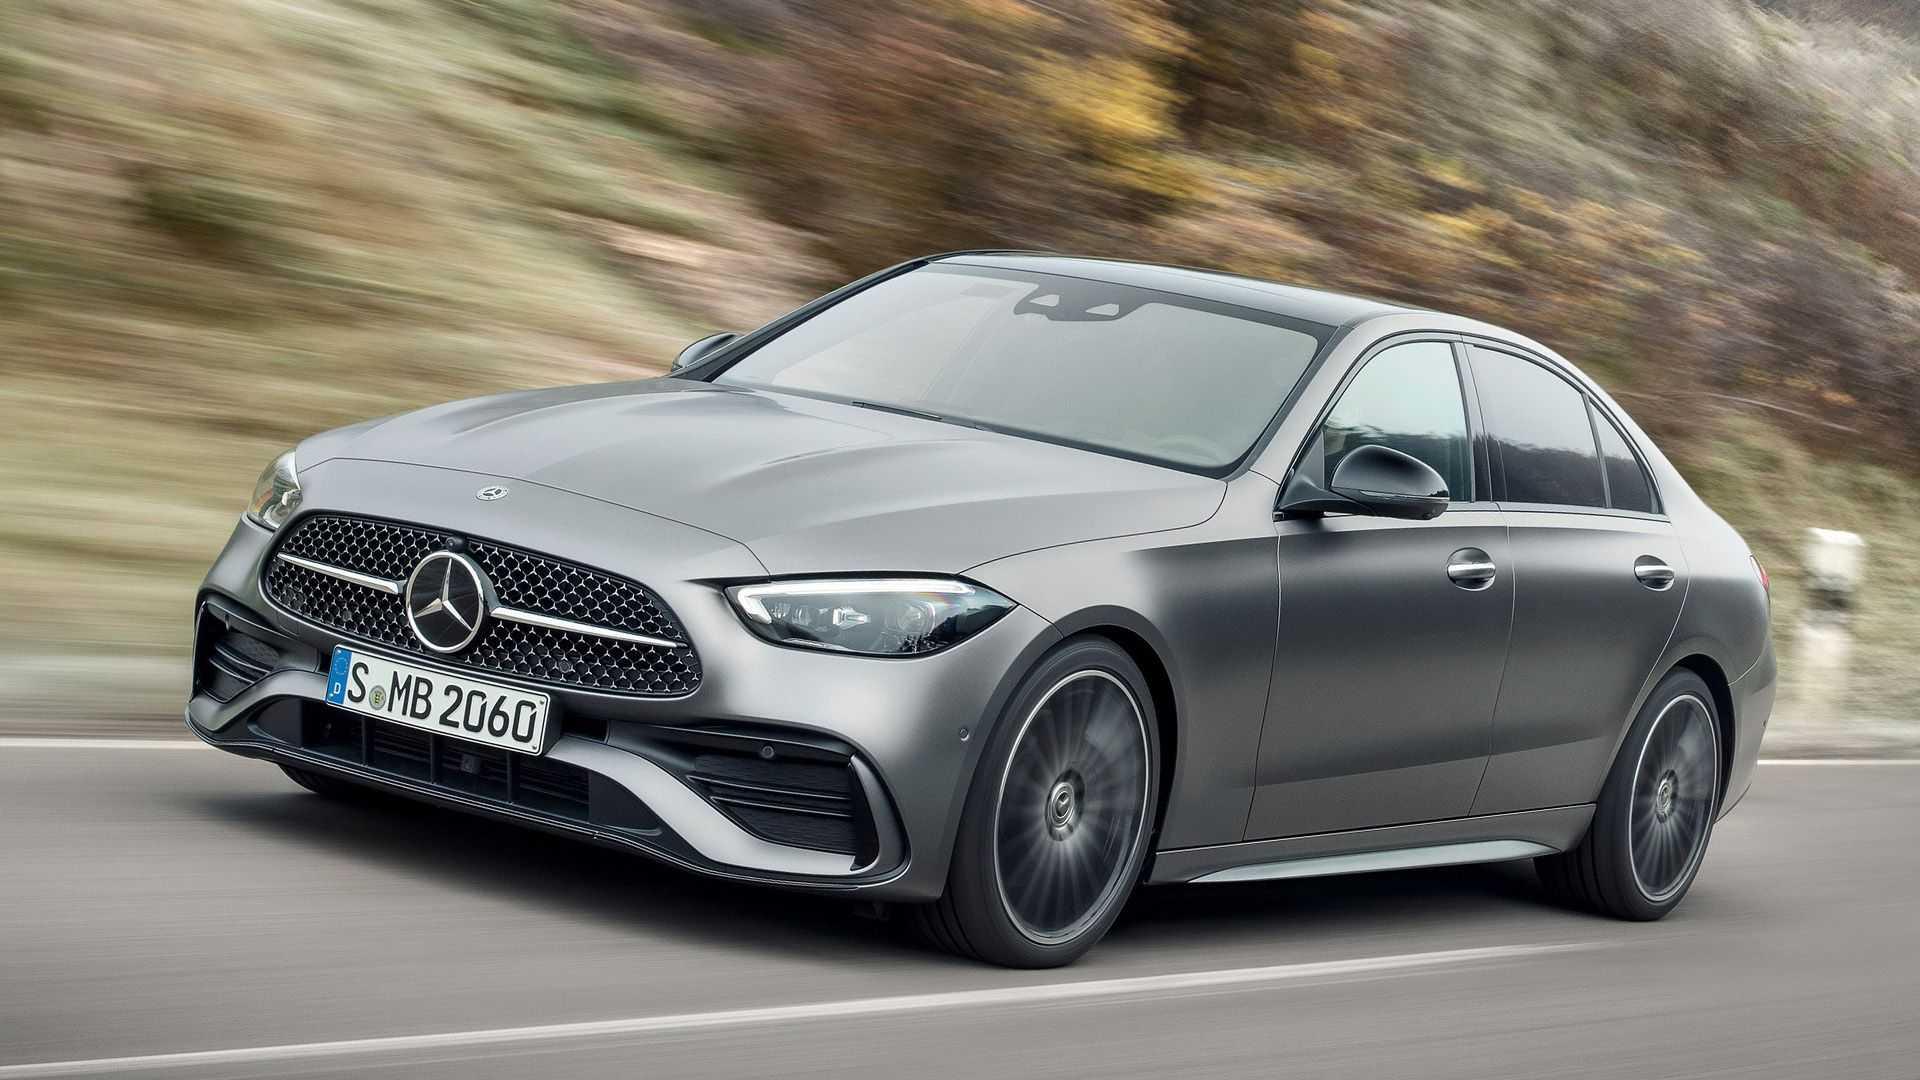 Mercedes Benz C Class - Giá xe Ô tô Mercedes-Benz mới nhất tháng [hienthithang]/[hienthinam] + khuyến mãi #1